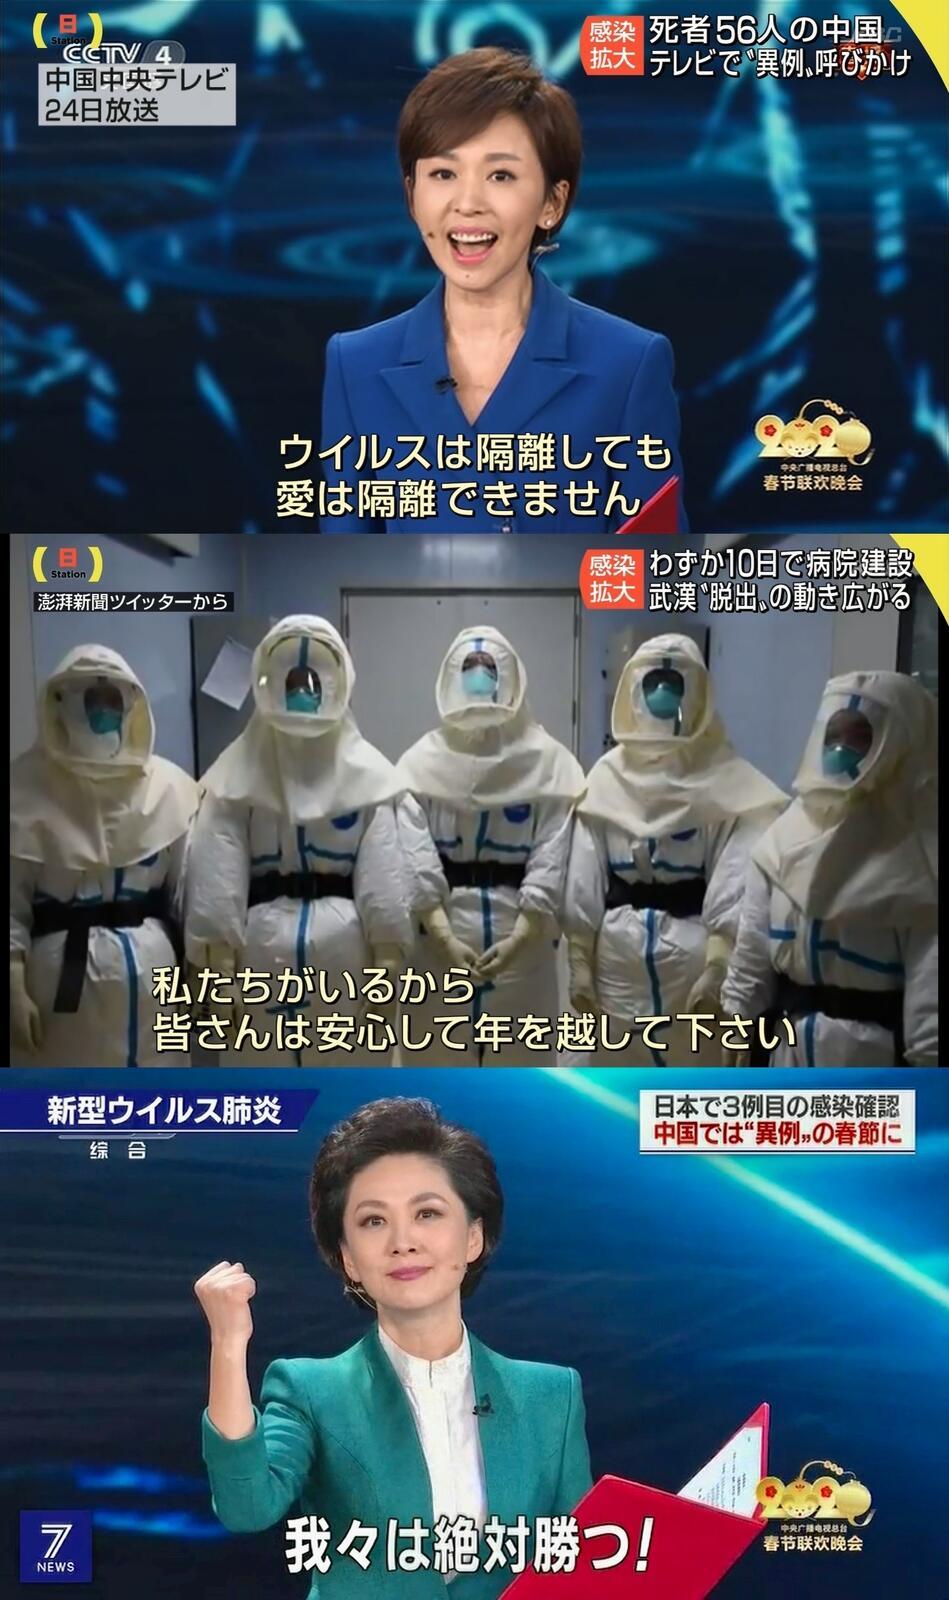 https://livedoor.blogimg.jp/negigasuki/imgs/a/0/a0e903f2.jpg